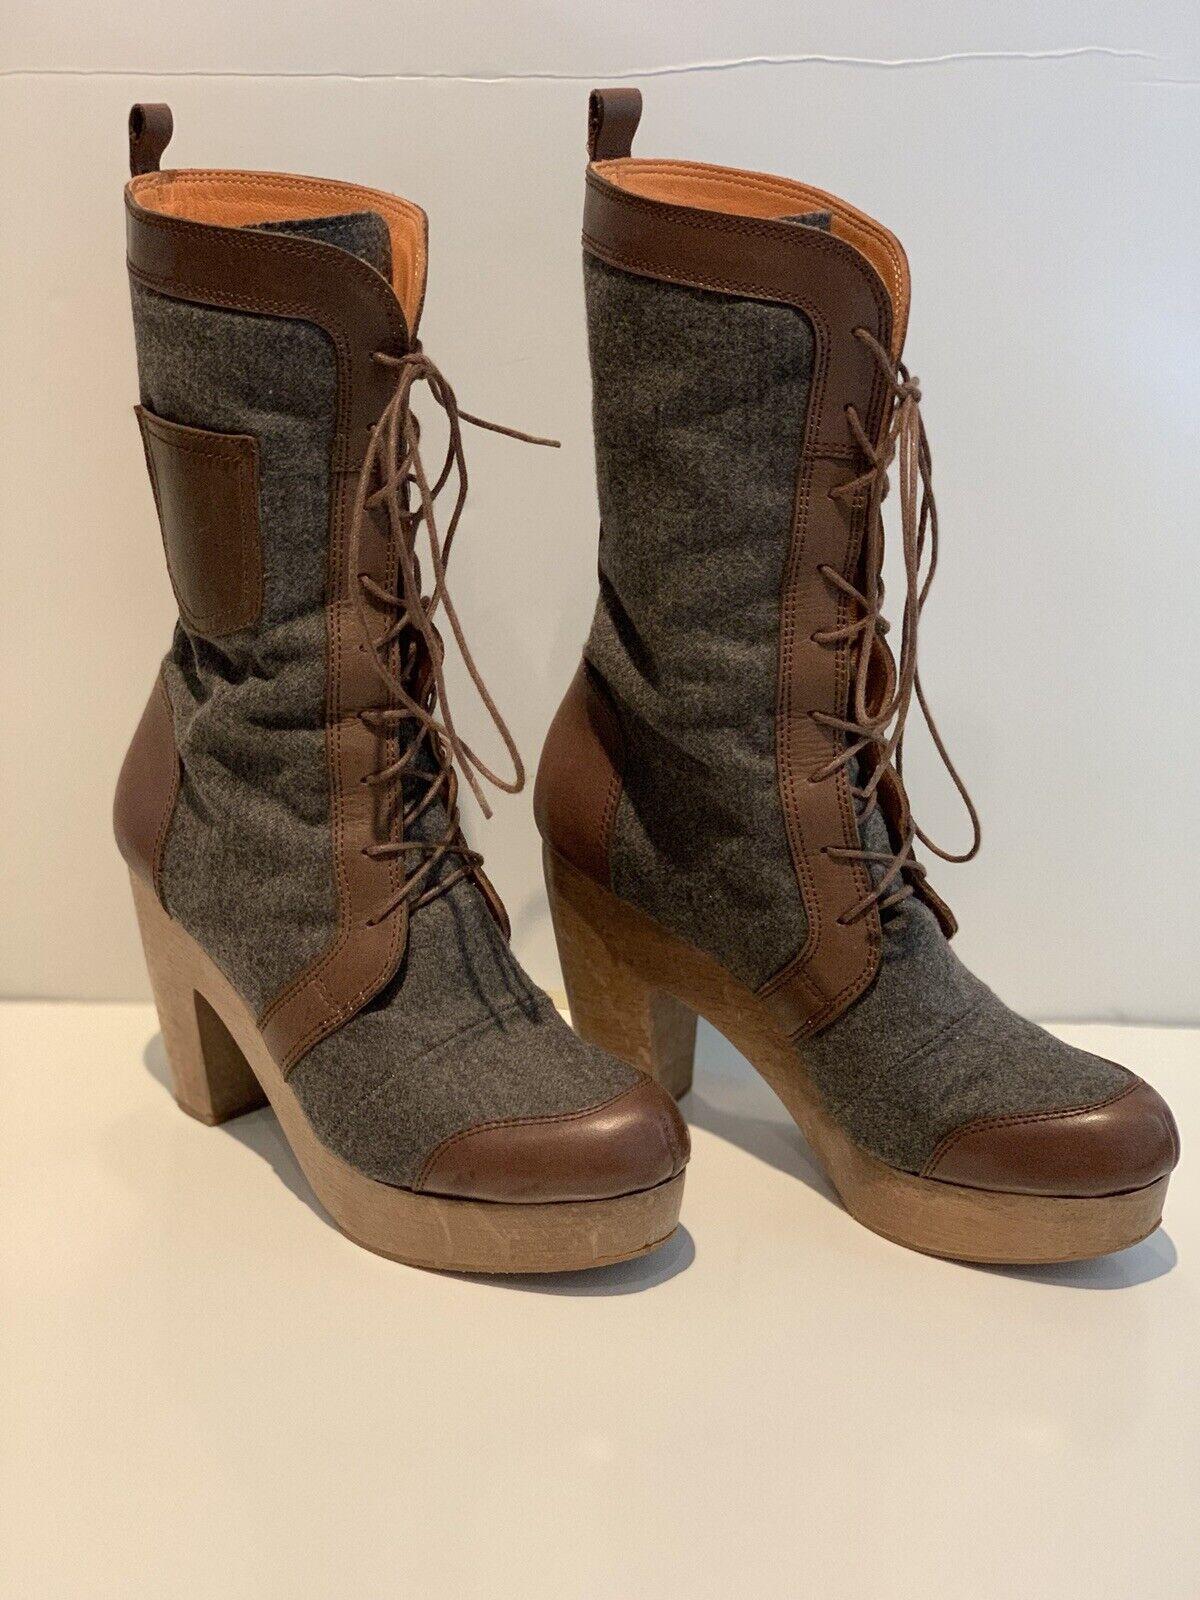 risparmiare sulla liquidazione Rachel Comey Donna  Platform Leather Lace Up Up Up avvio Dimensione 6  Offriamo vari marchi famosi